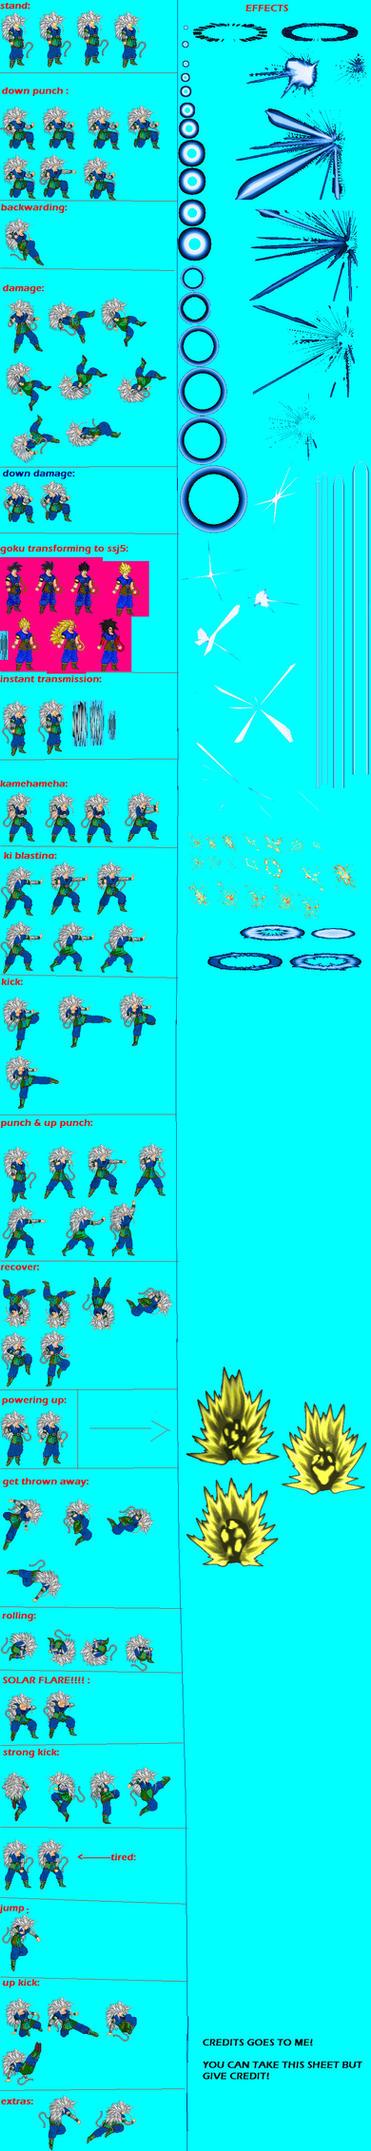 SSJ5 Goku Sprite Sheet by spritezmaster on DeviantArt | 371 x 2146 jpeg 264kB